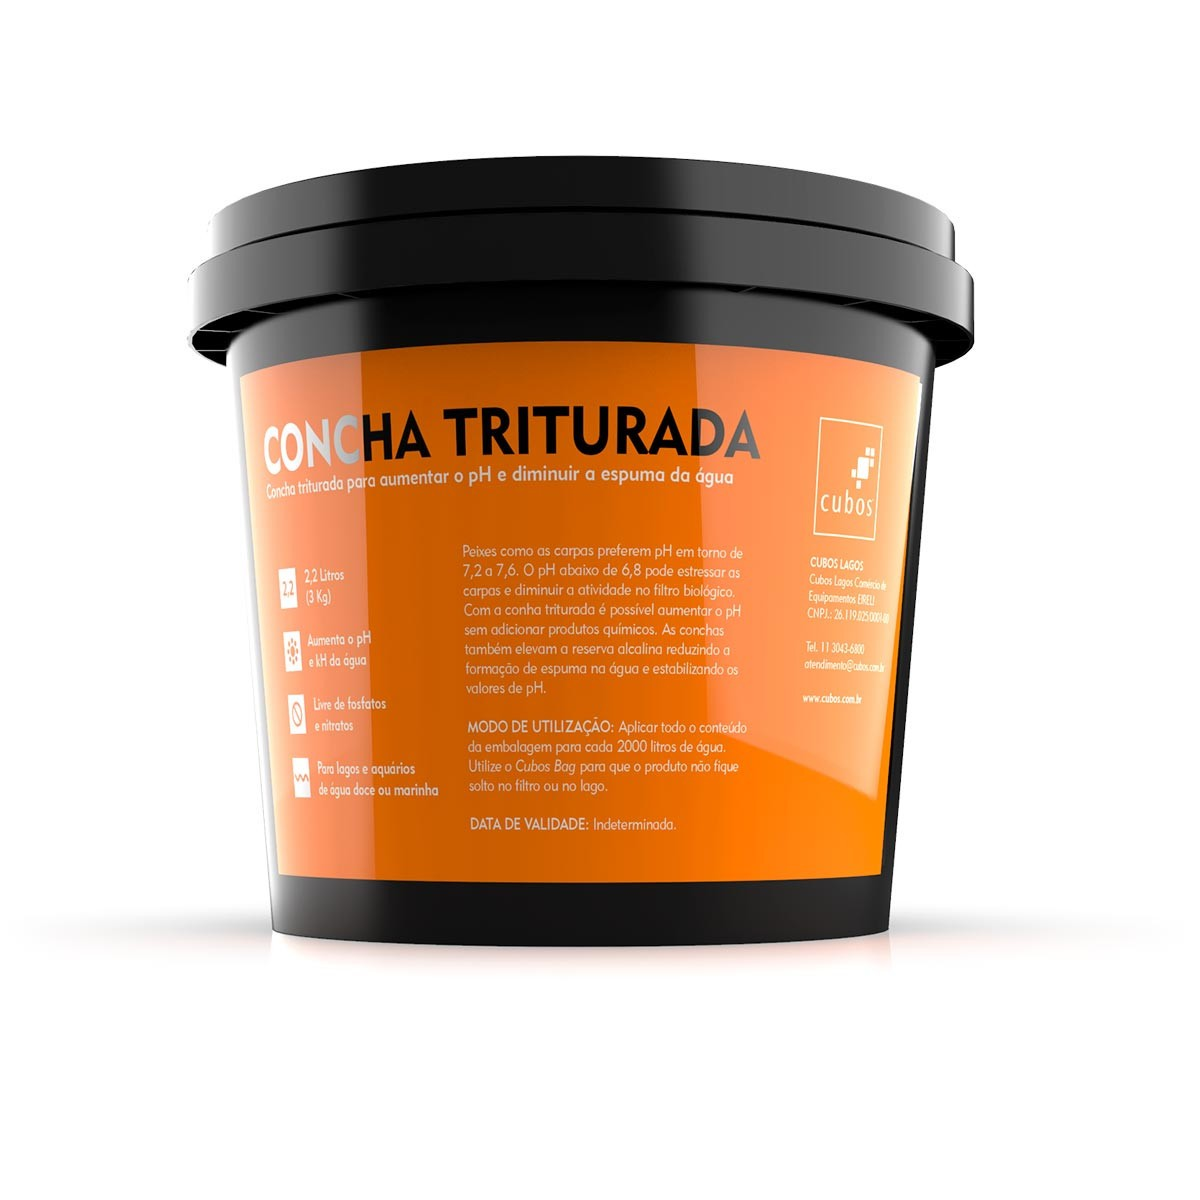 Kit Cubos Concha Triturada 2,2L mais Bag com Zíper 25x25cm